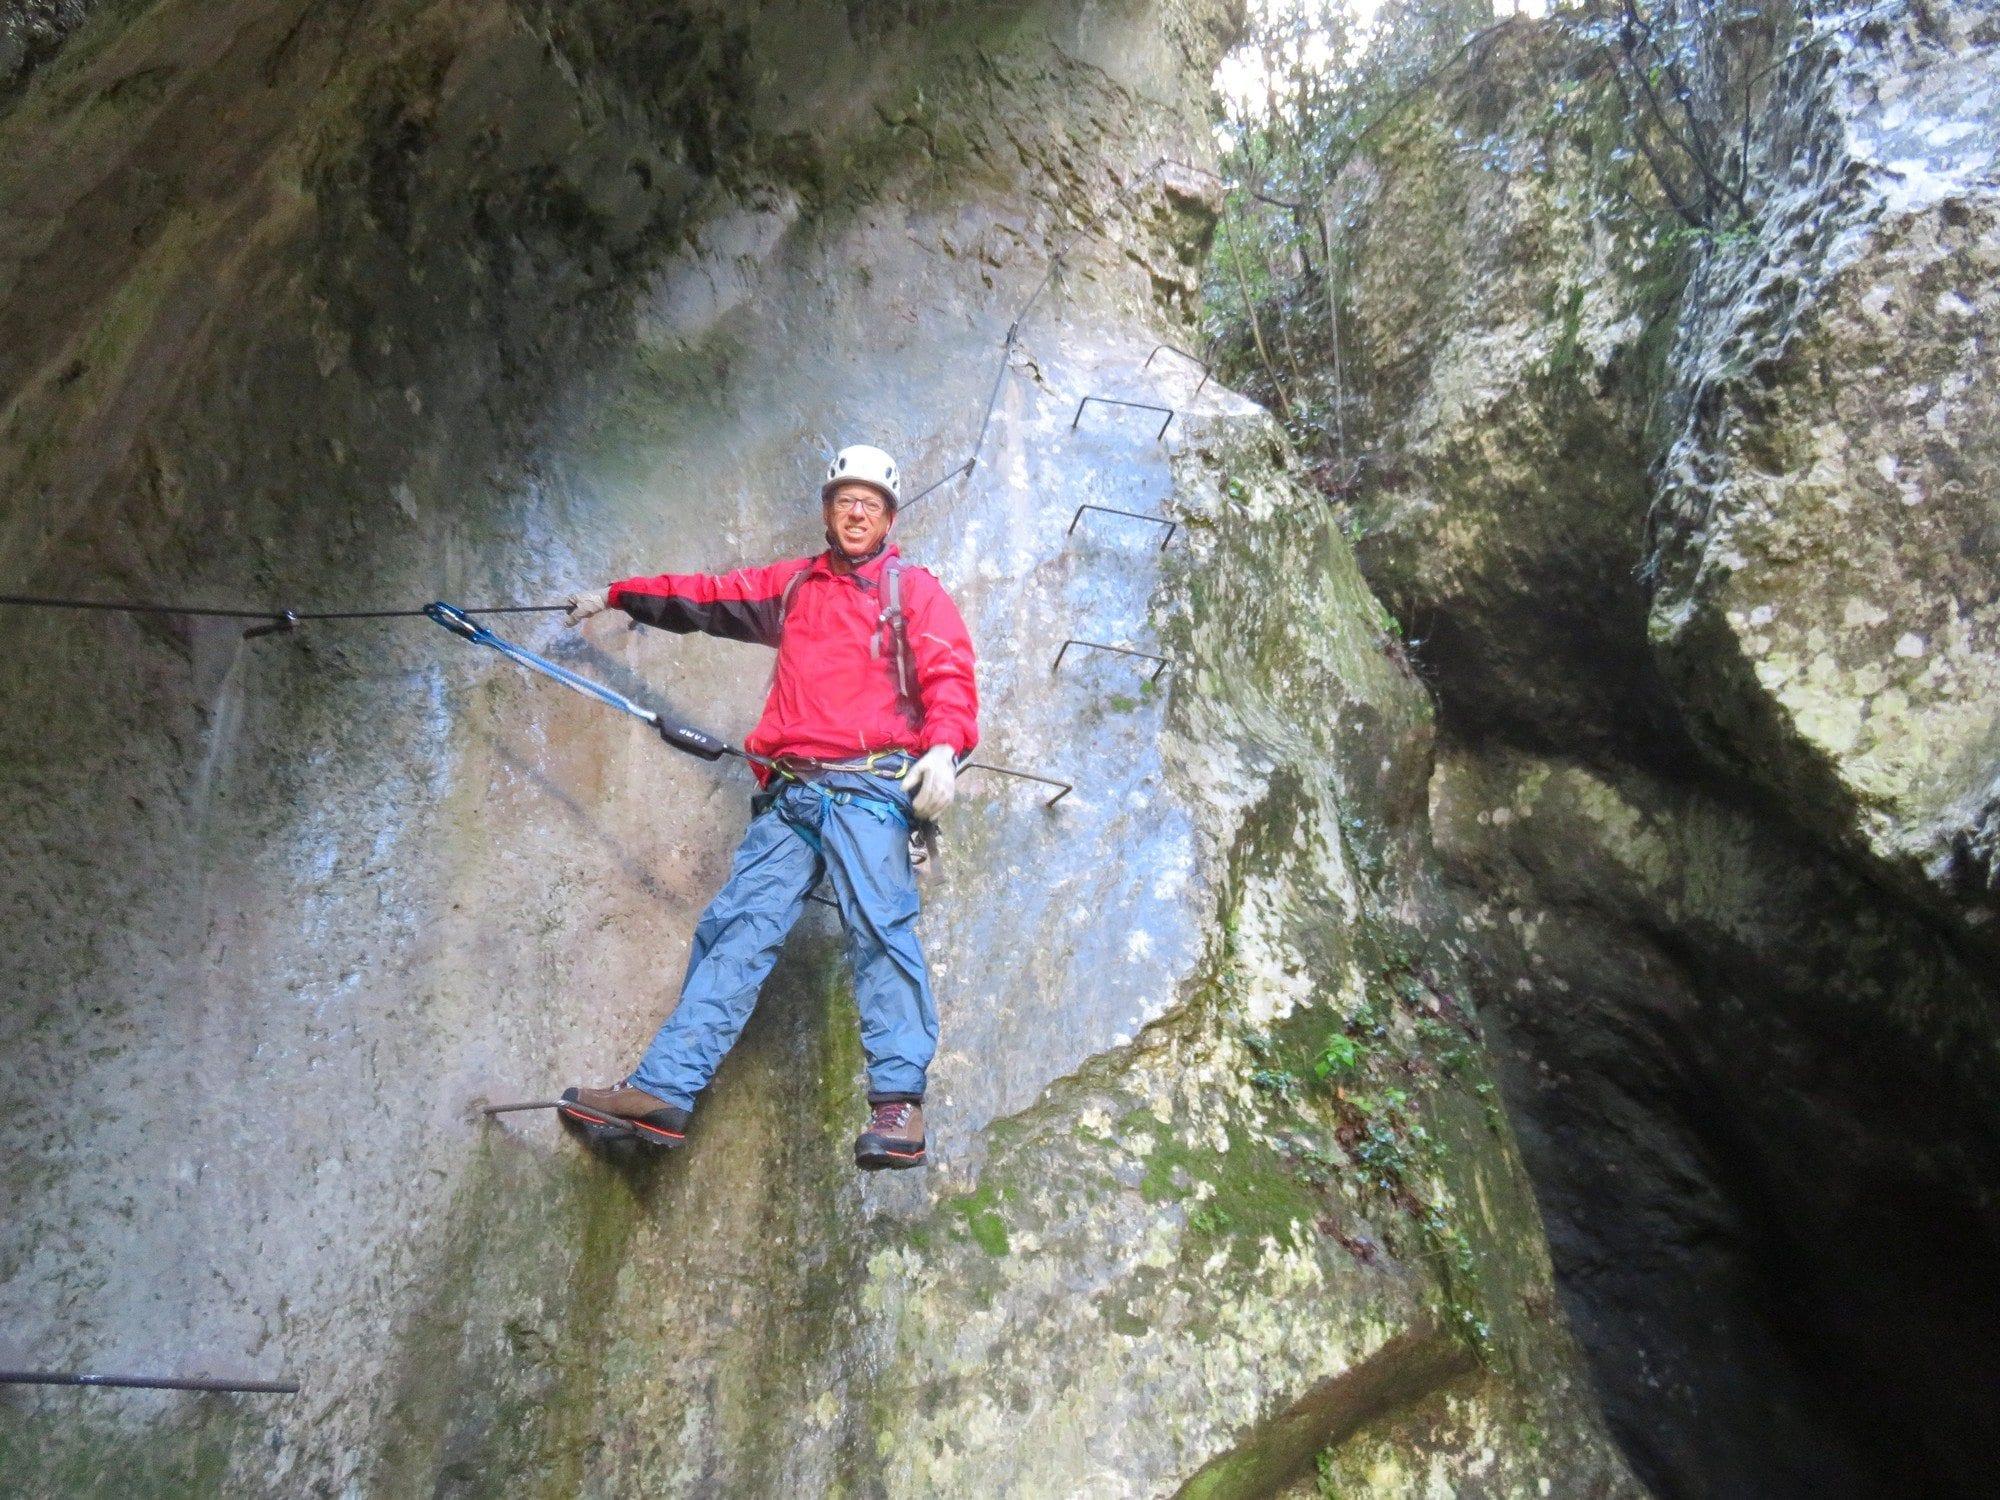 ויה פראטה Sallagoni, טיול אתגר, איטליה, ערוצים בטבע